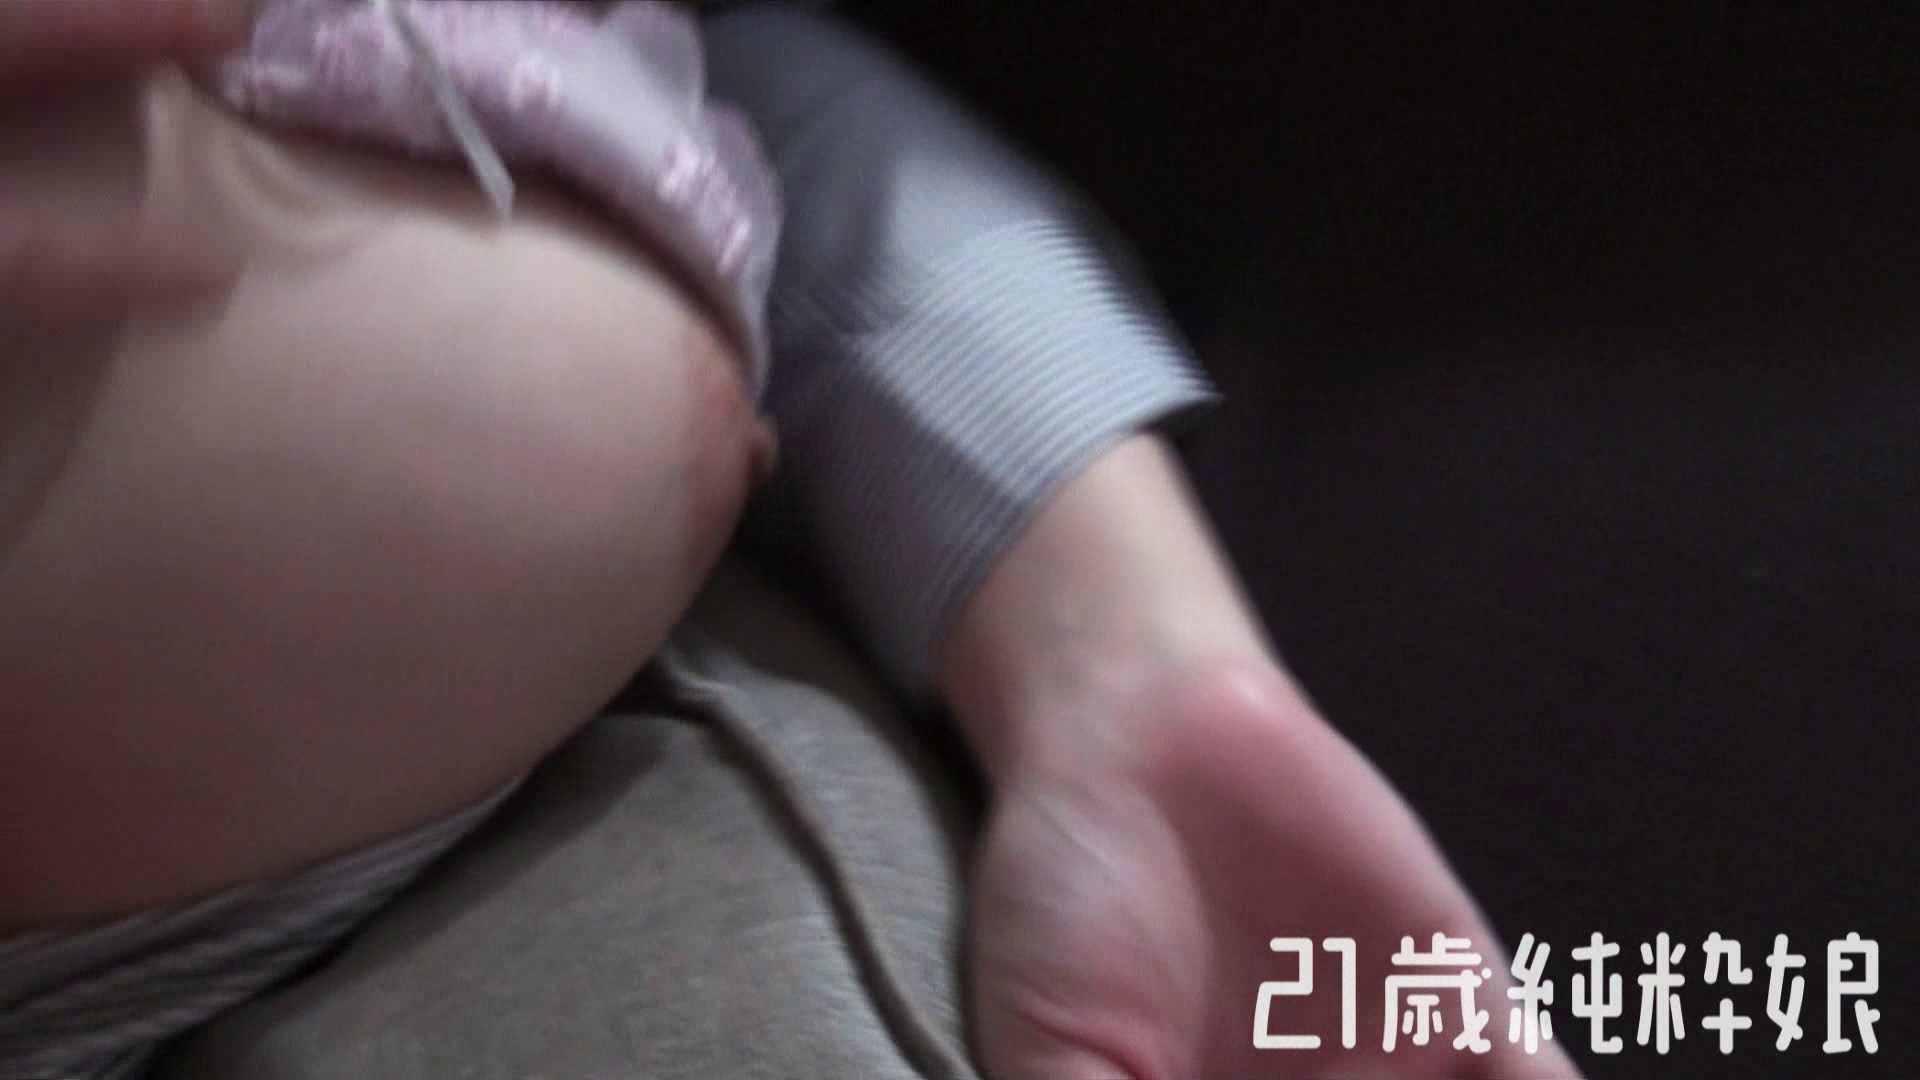 上京したばかりのGカップ21歳純粋嬢を都合の良い女にしてみた3 一般投稿 | オナニー覗き見  102pic 63